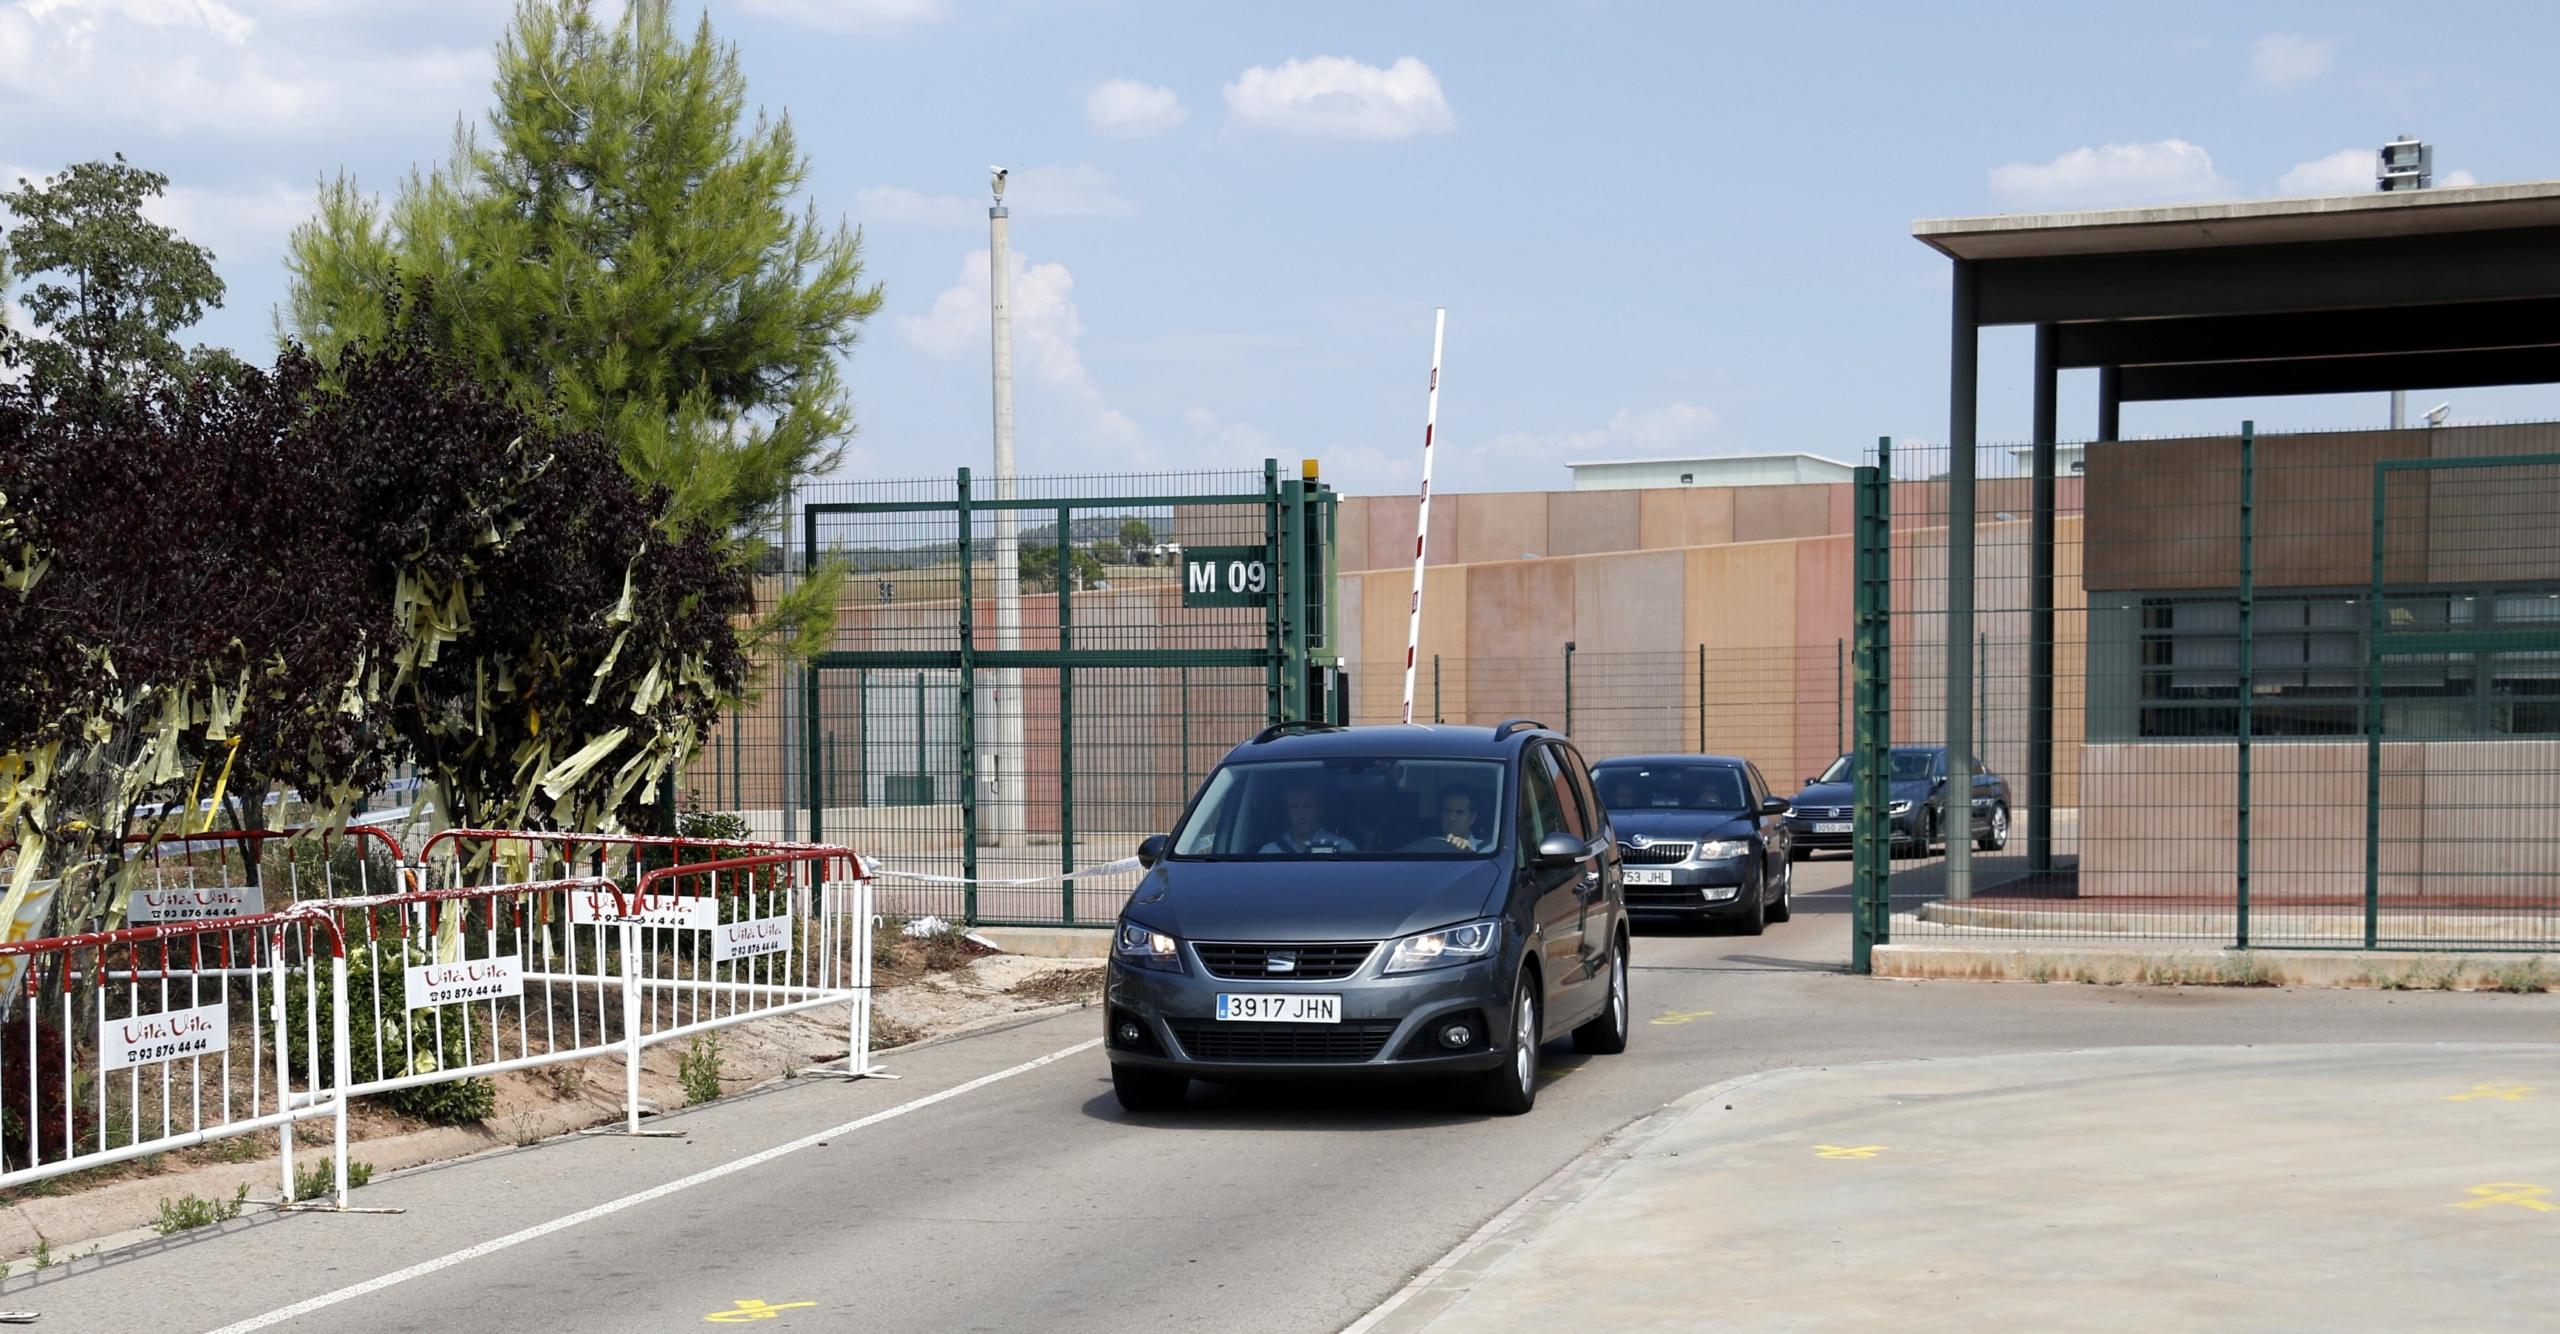 Cotxes oficials de Presidència de la Generalitat sortint de Lledoners/Mon